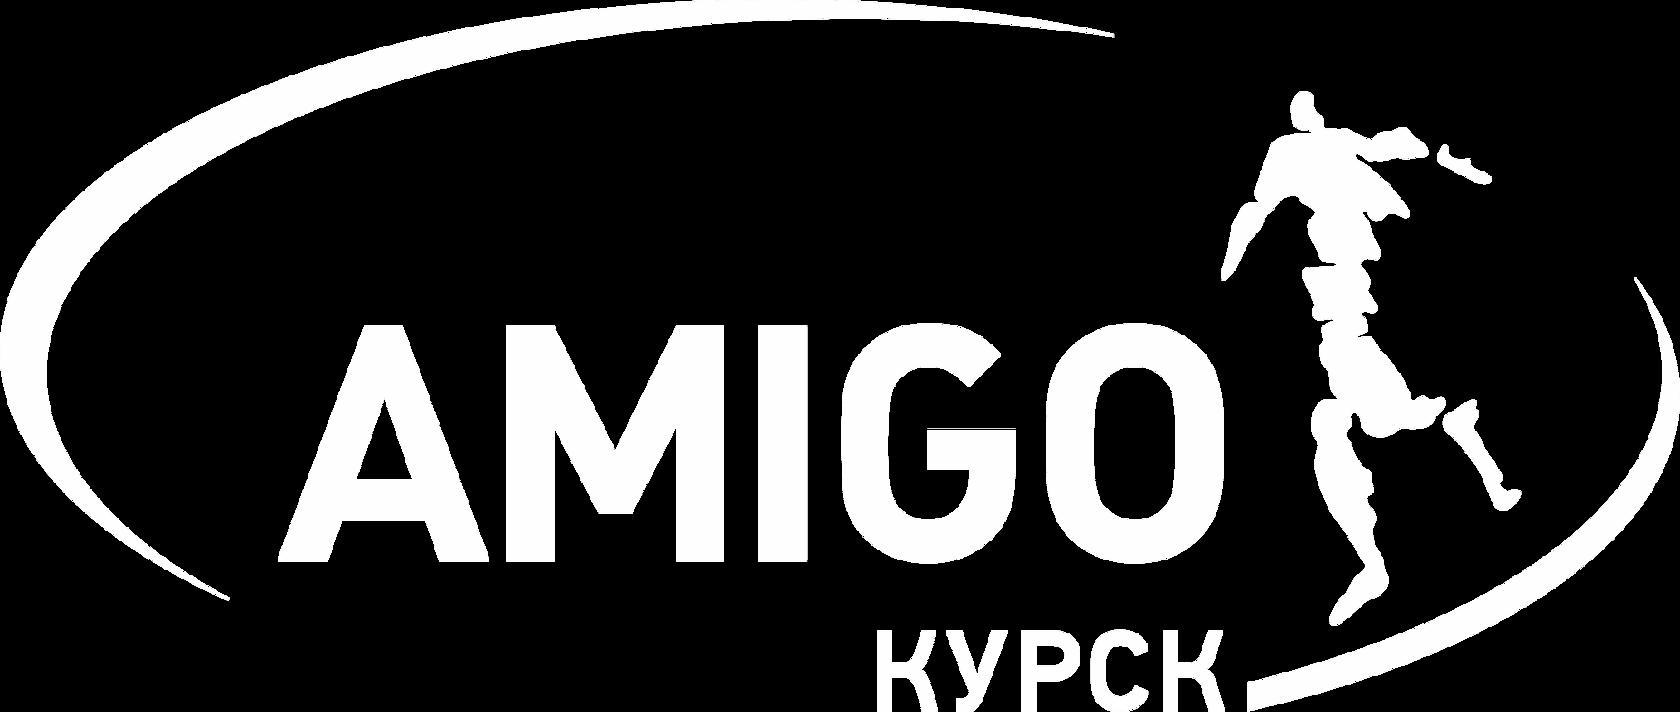 Жалюзи от официального представителя бренда AMIGO© в Курске и области